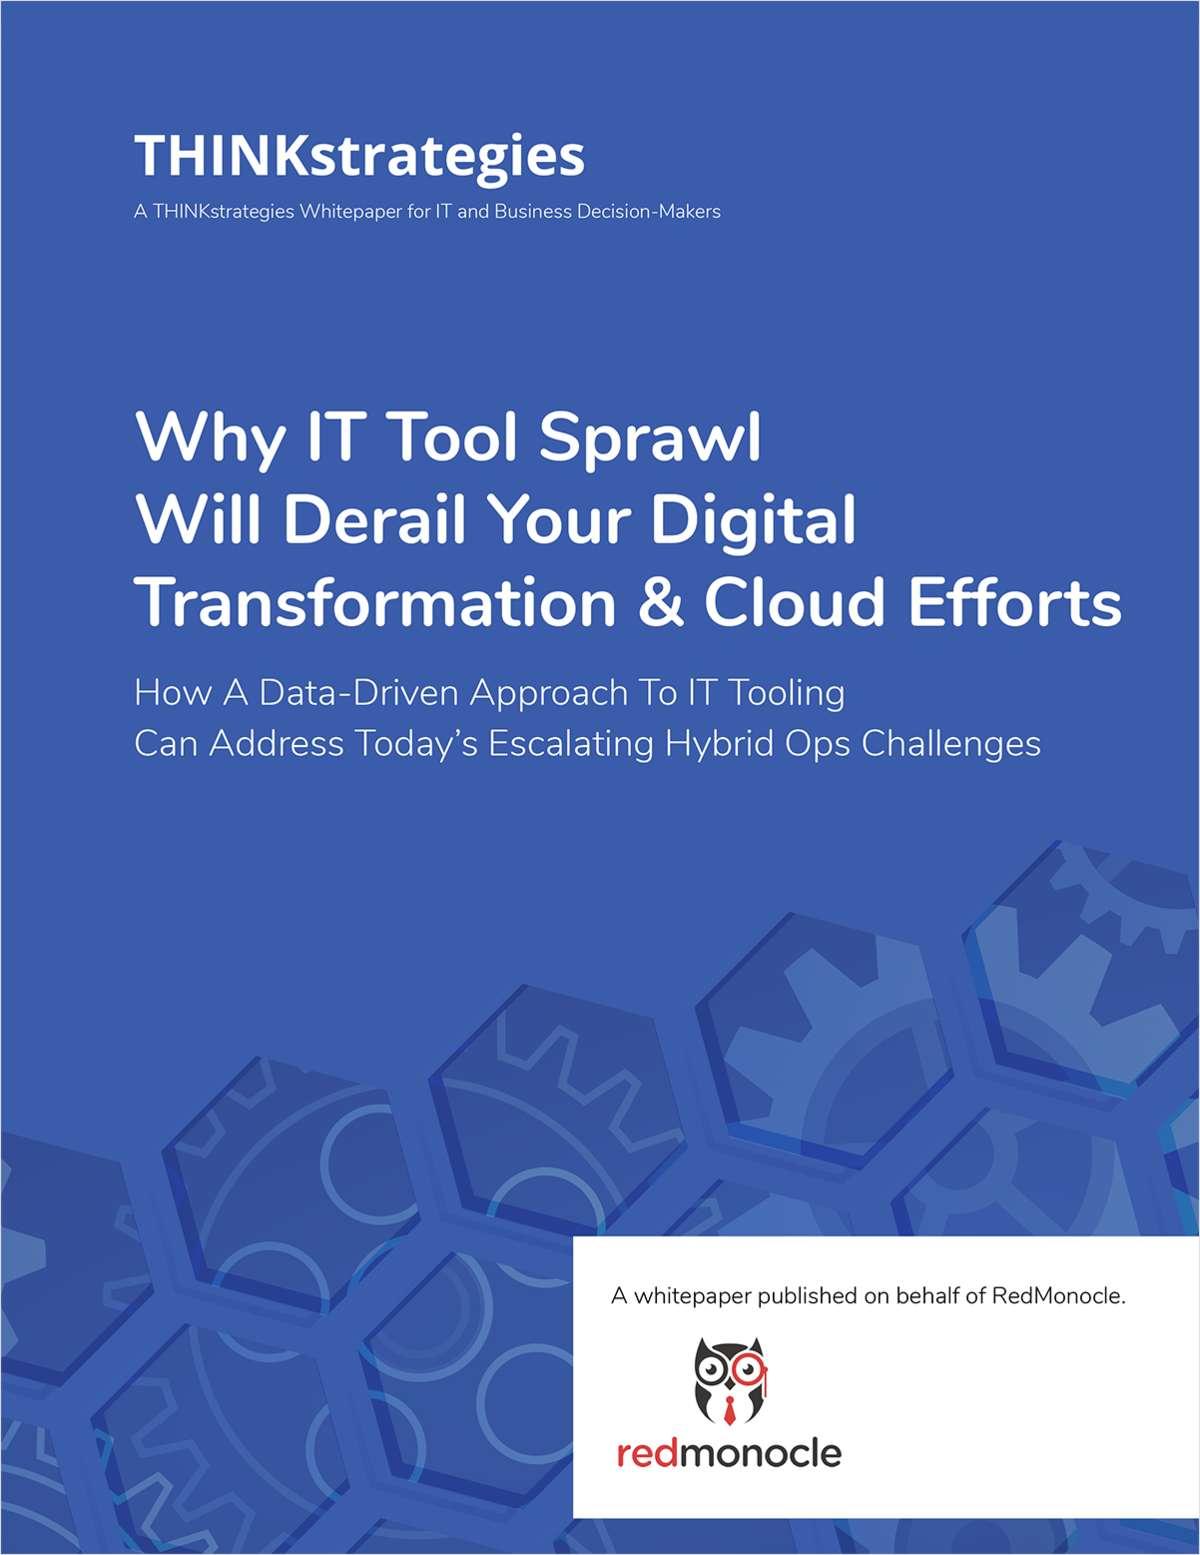 Why IT Tool Sprawl Will Derail Your Digital Transformation & Cloud Efforts